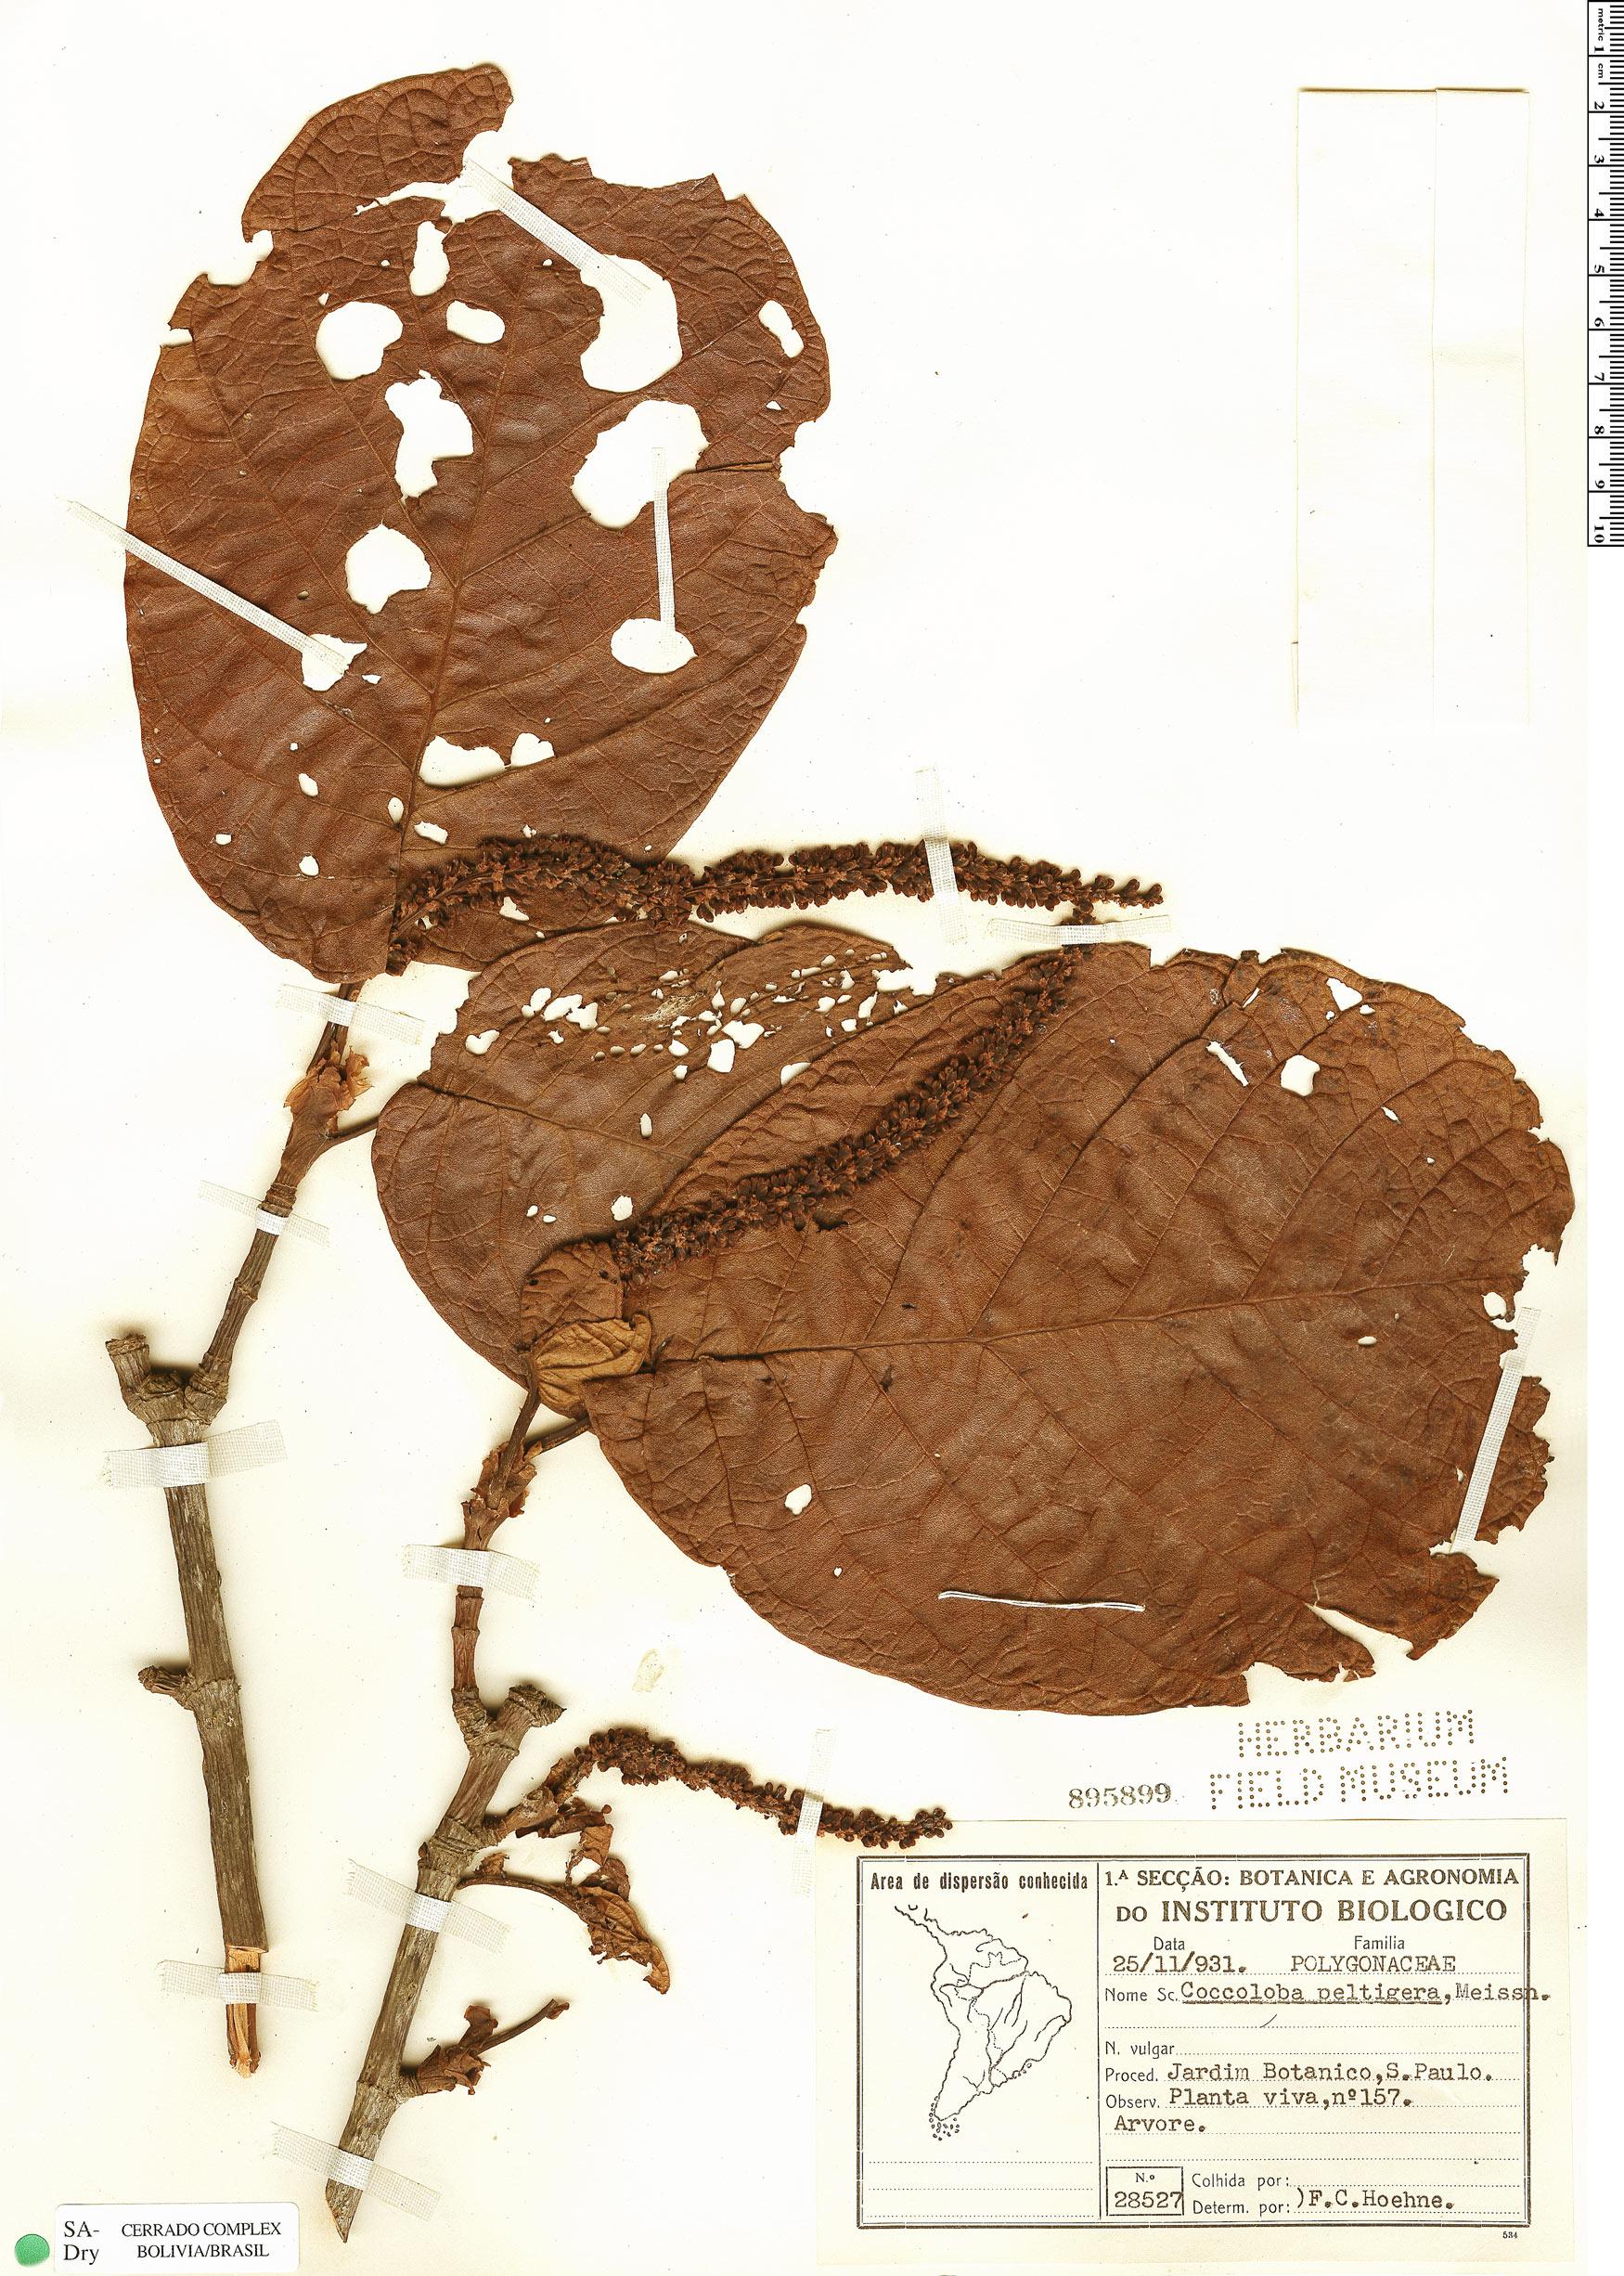 Specimen: Coccoloba alnifolia